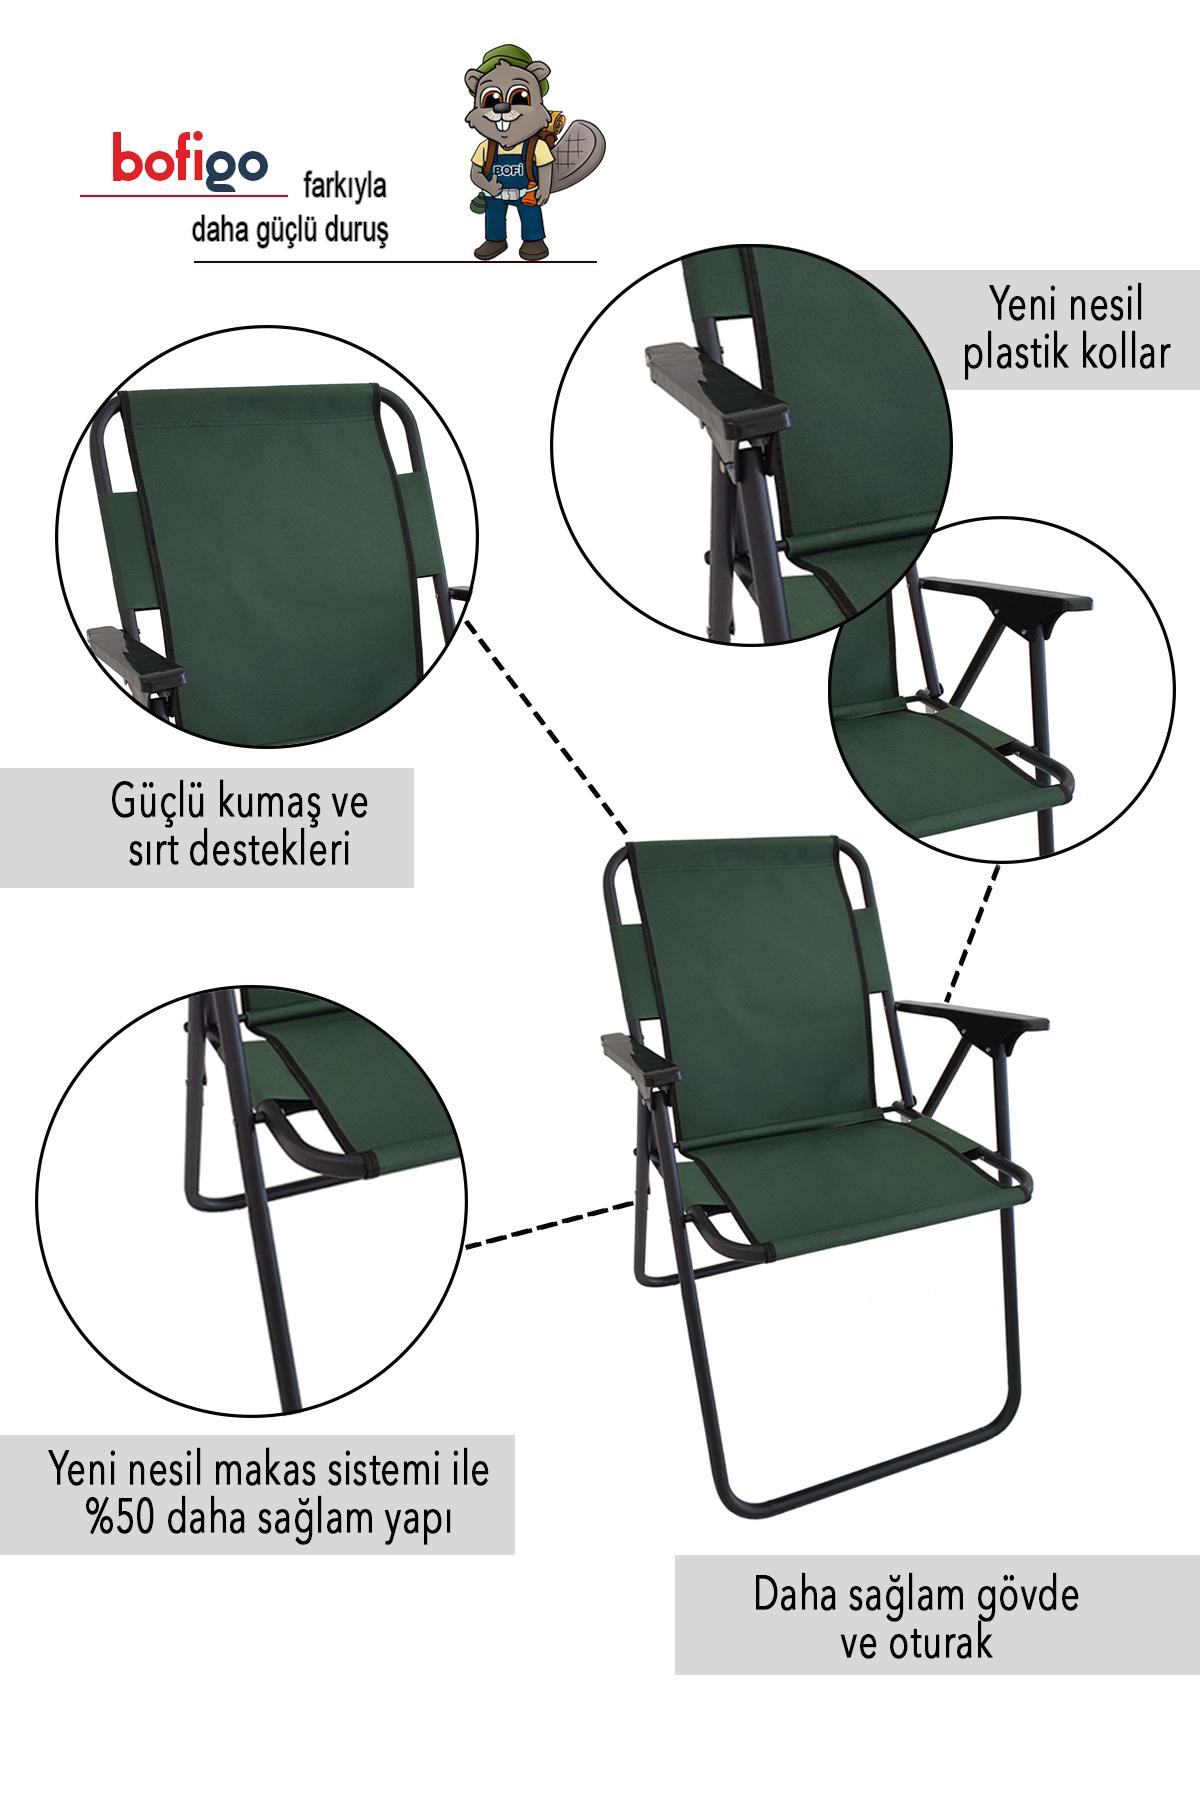 Bofigo 4 Adet Kamp Sandalyesi Katlanır Sandalye Piknik Sandalyesi Plaj Sandalyesi Yeşil